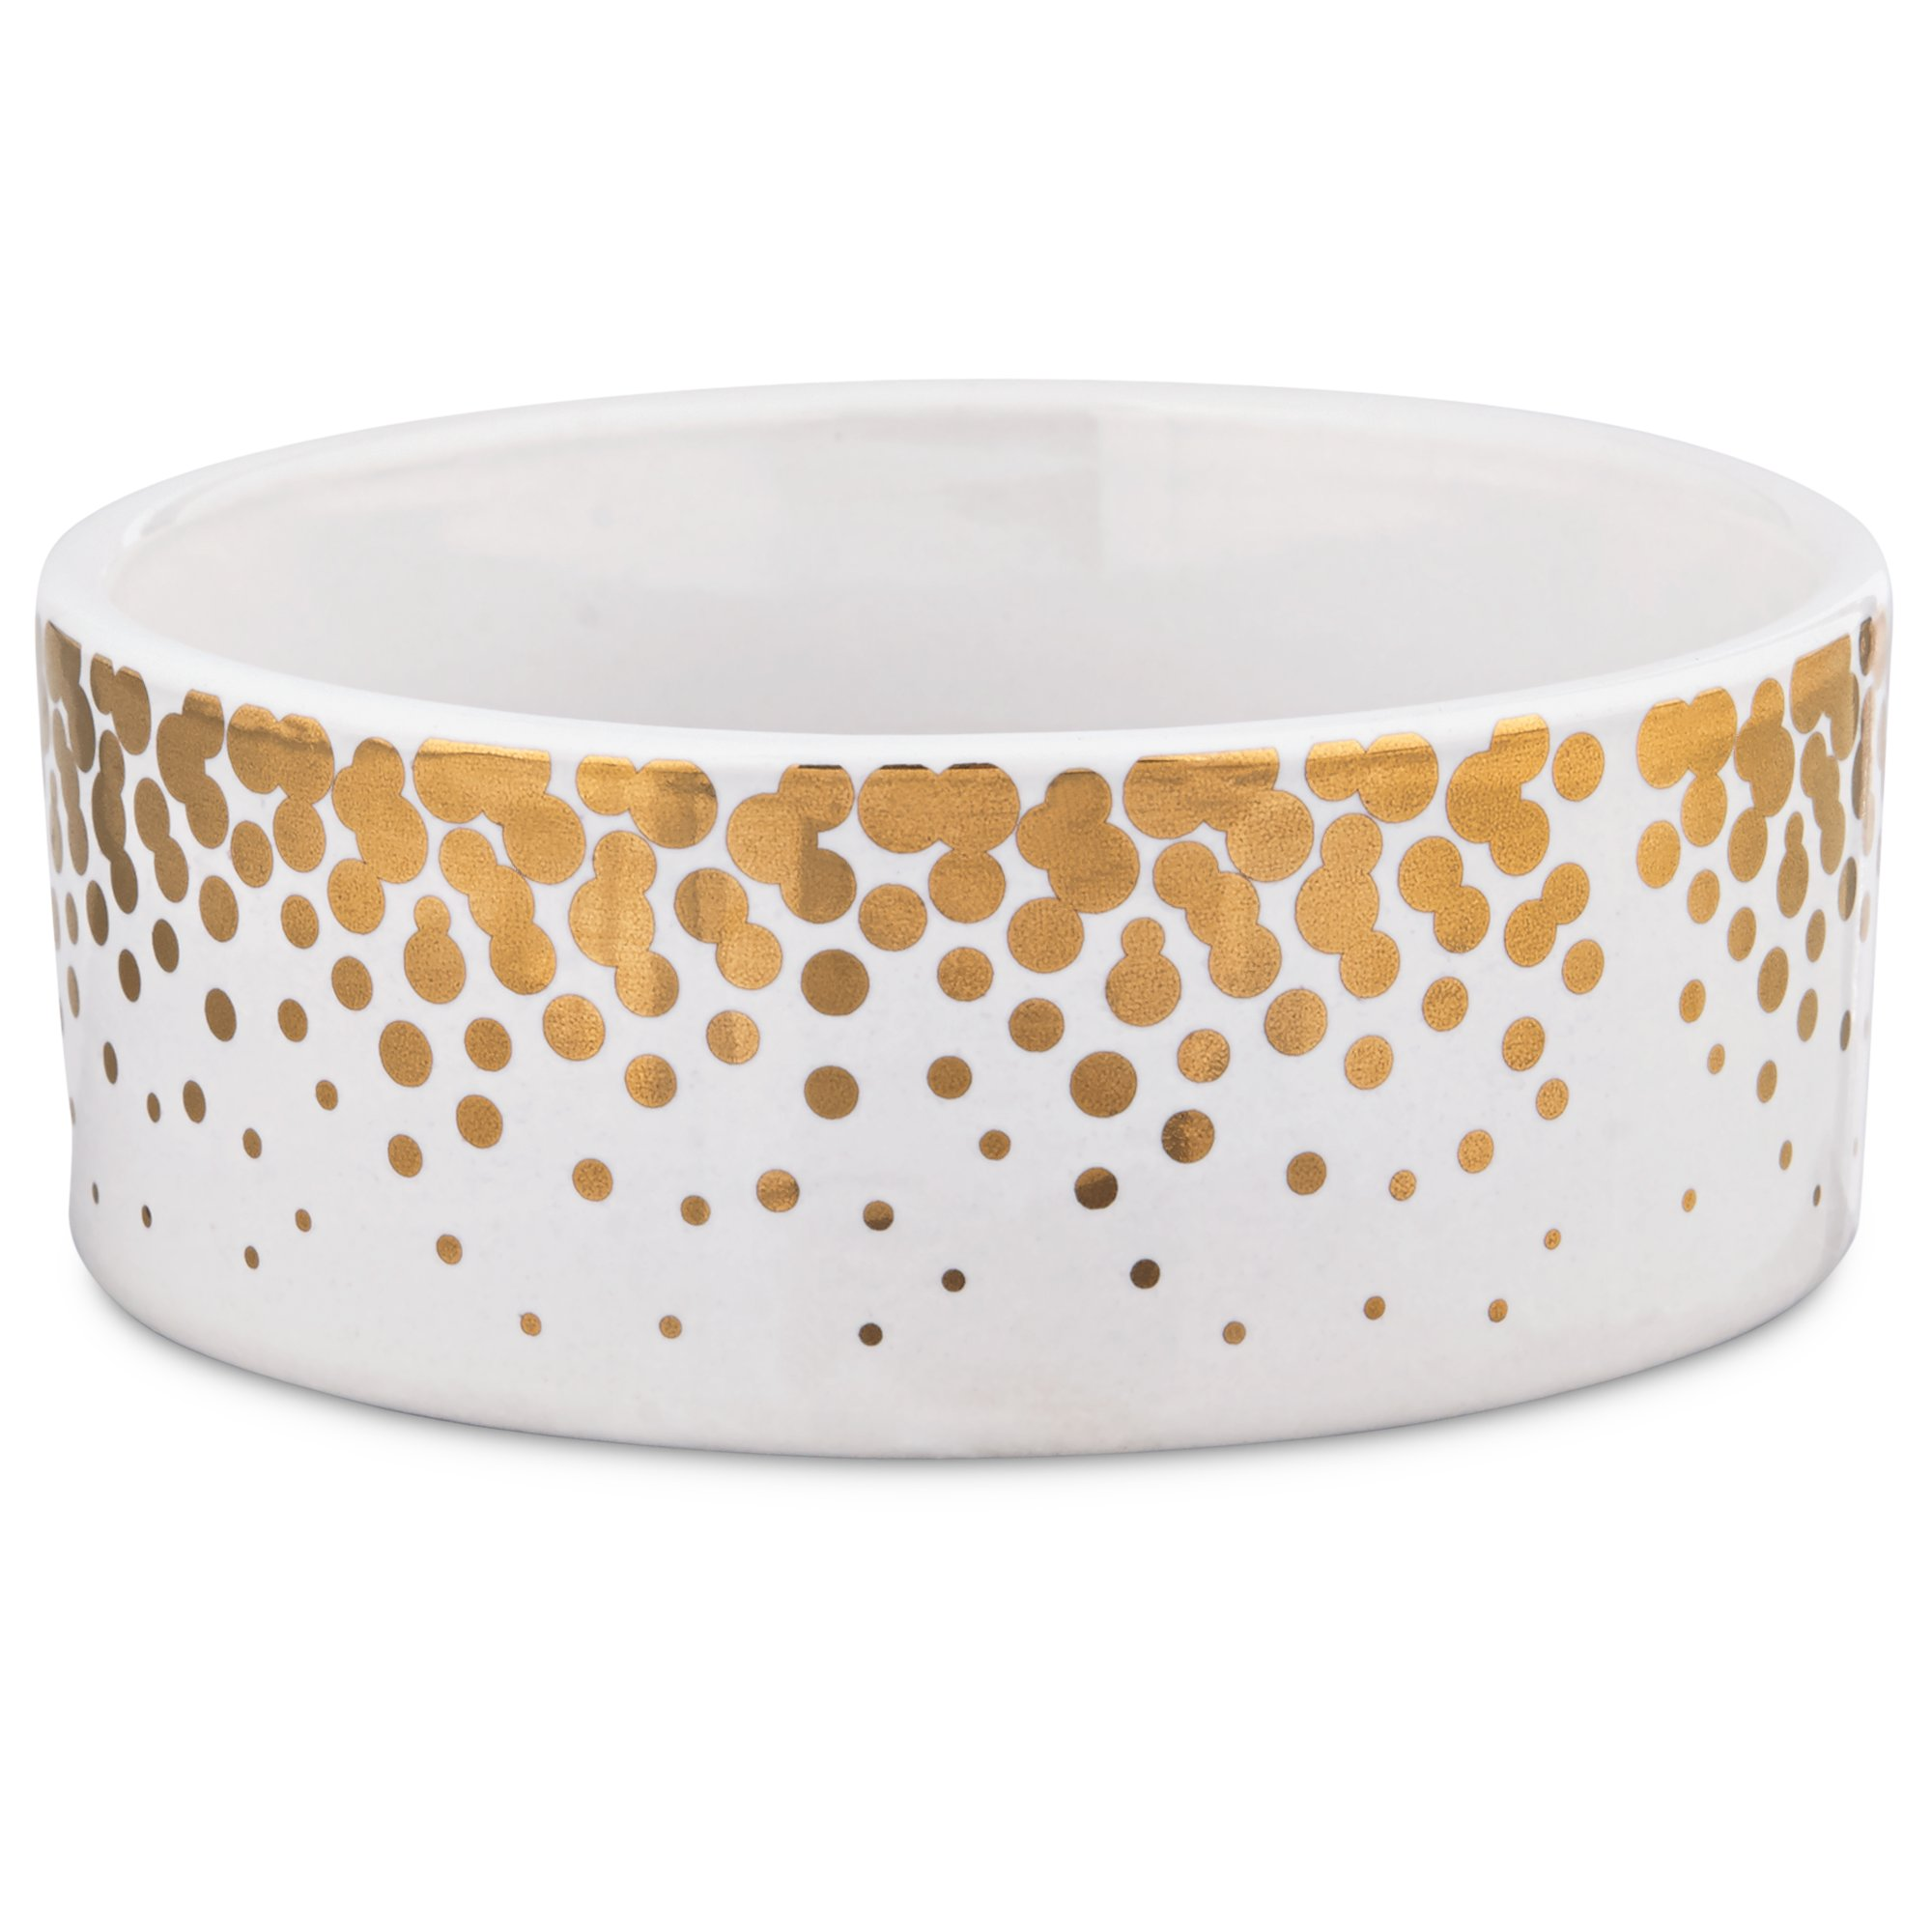 Harmony Gold Dots Ceramic Dog Bowl | Petco - photo#8